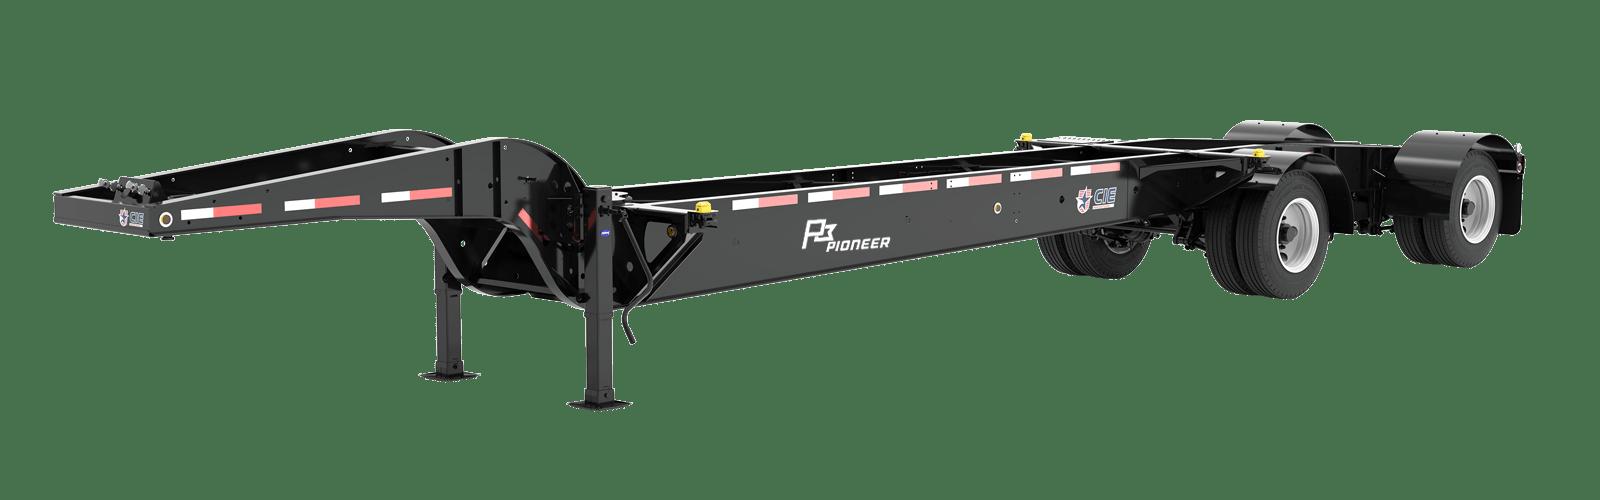 Pioneer 43' Tank Tandem